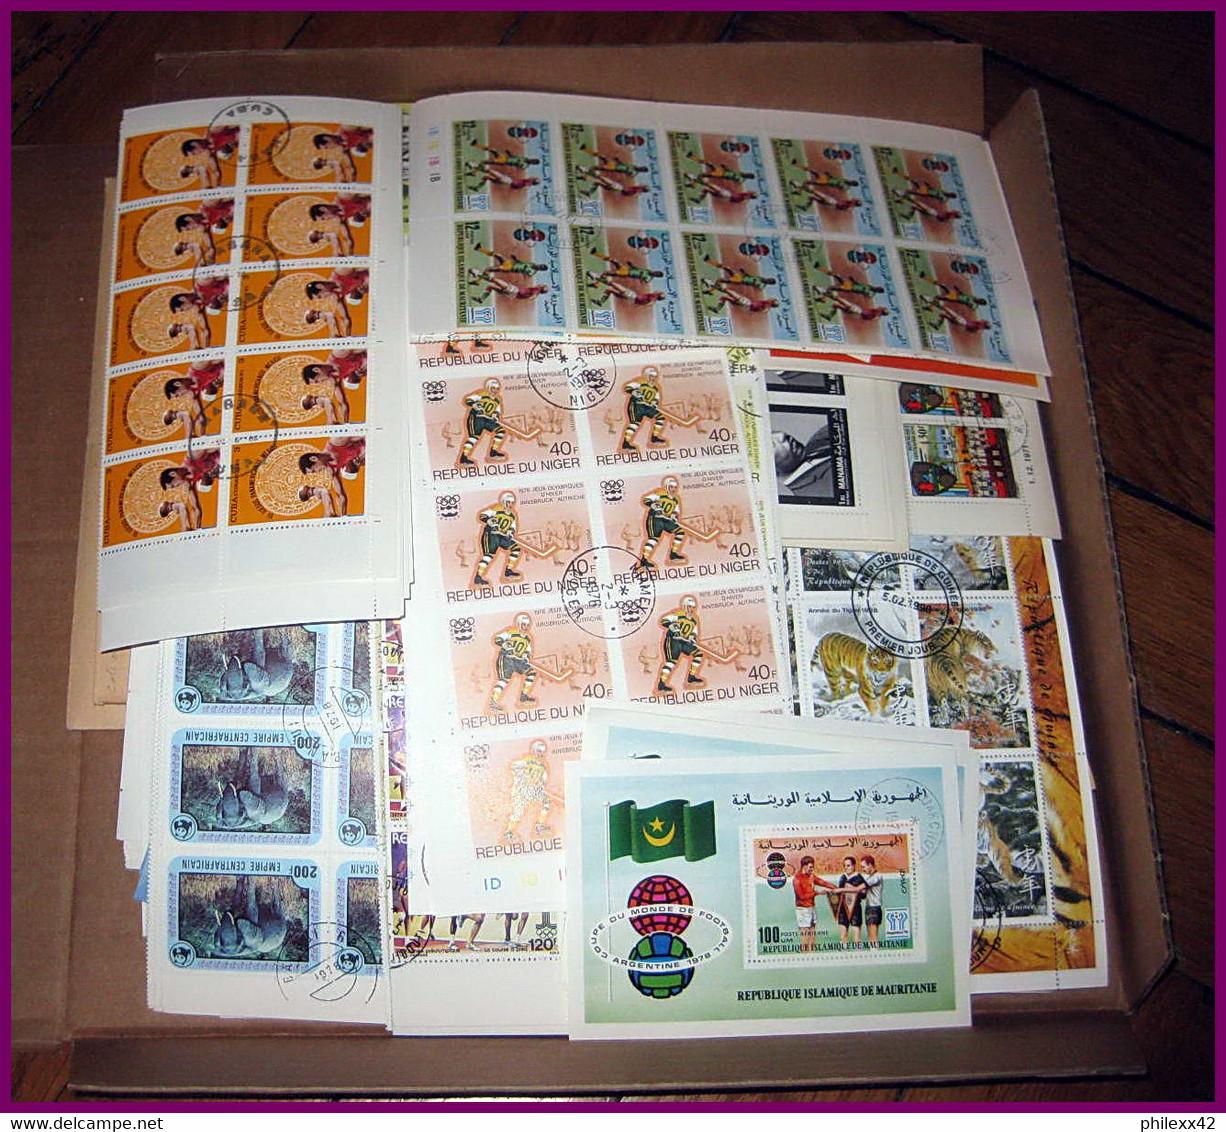 Départ 1 Euro - Lot 4a TB Stock/lot Thématique 1000 Blocs / Séries Complètes  Jeux Olympiques Animaux Napoleon Birds - Lots & Kiloware (mixtures) - Min. 1000 Stamps